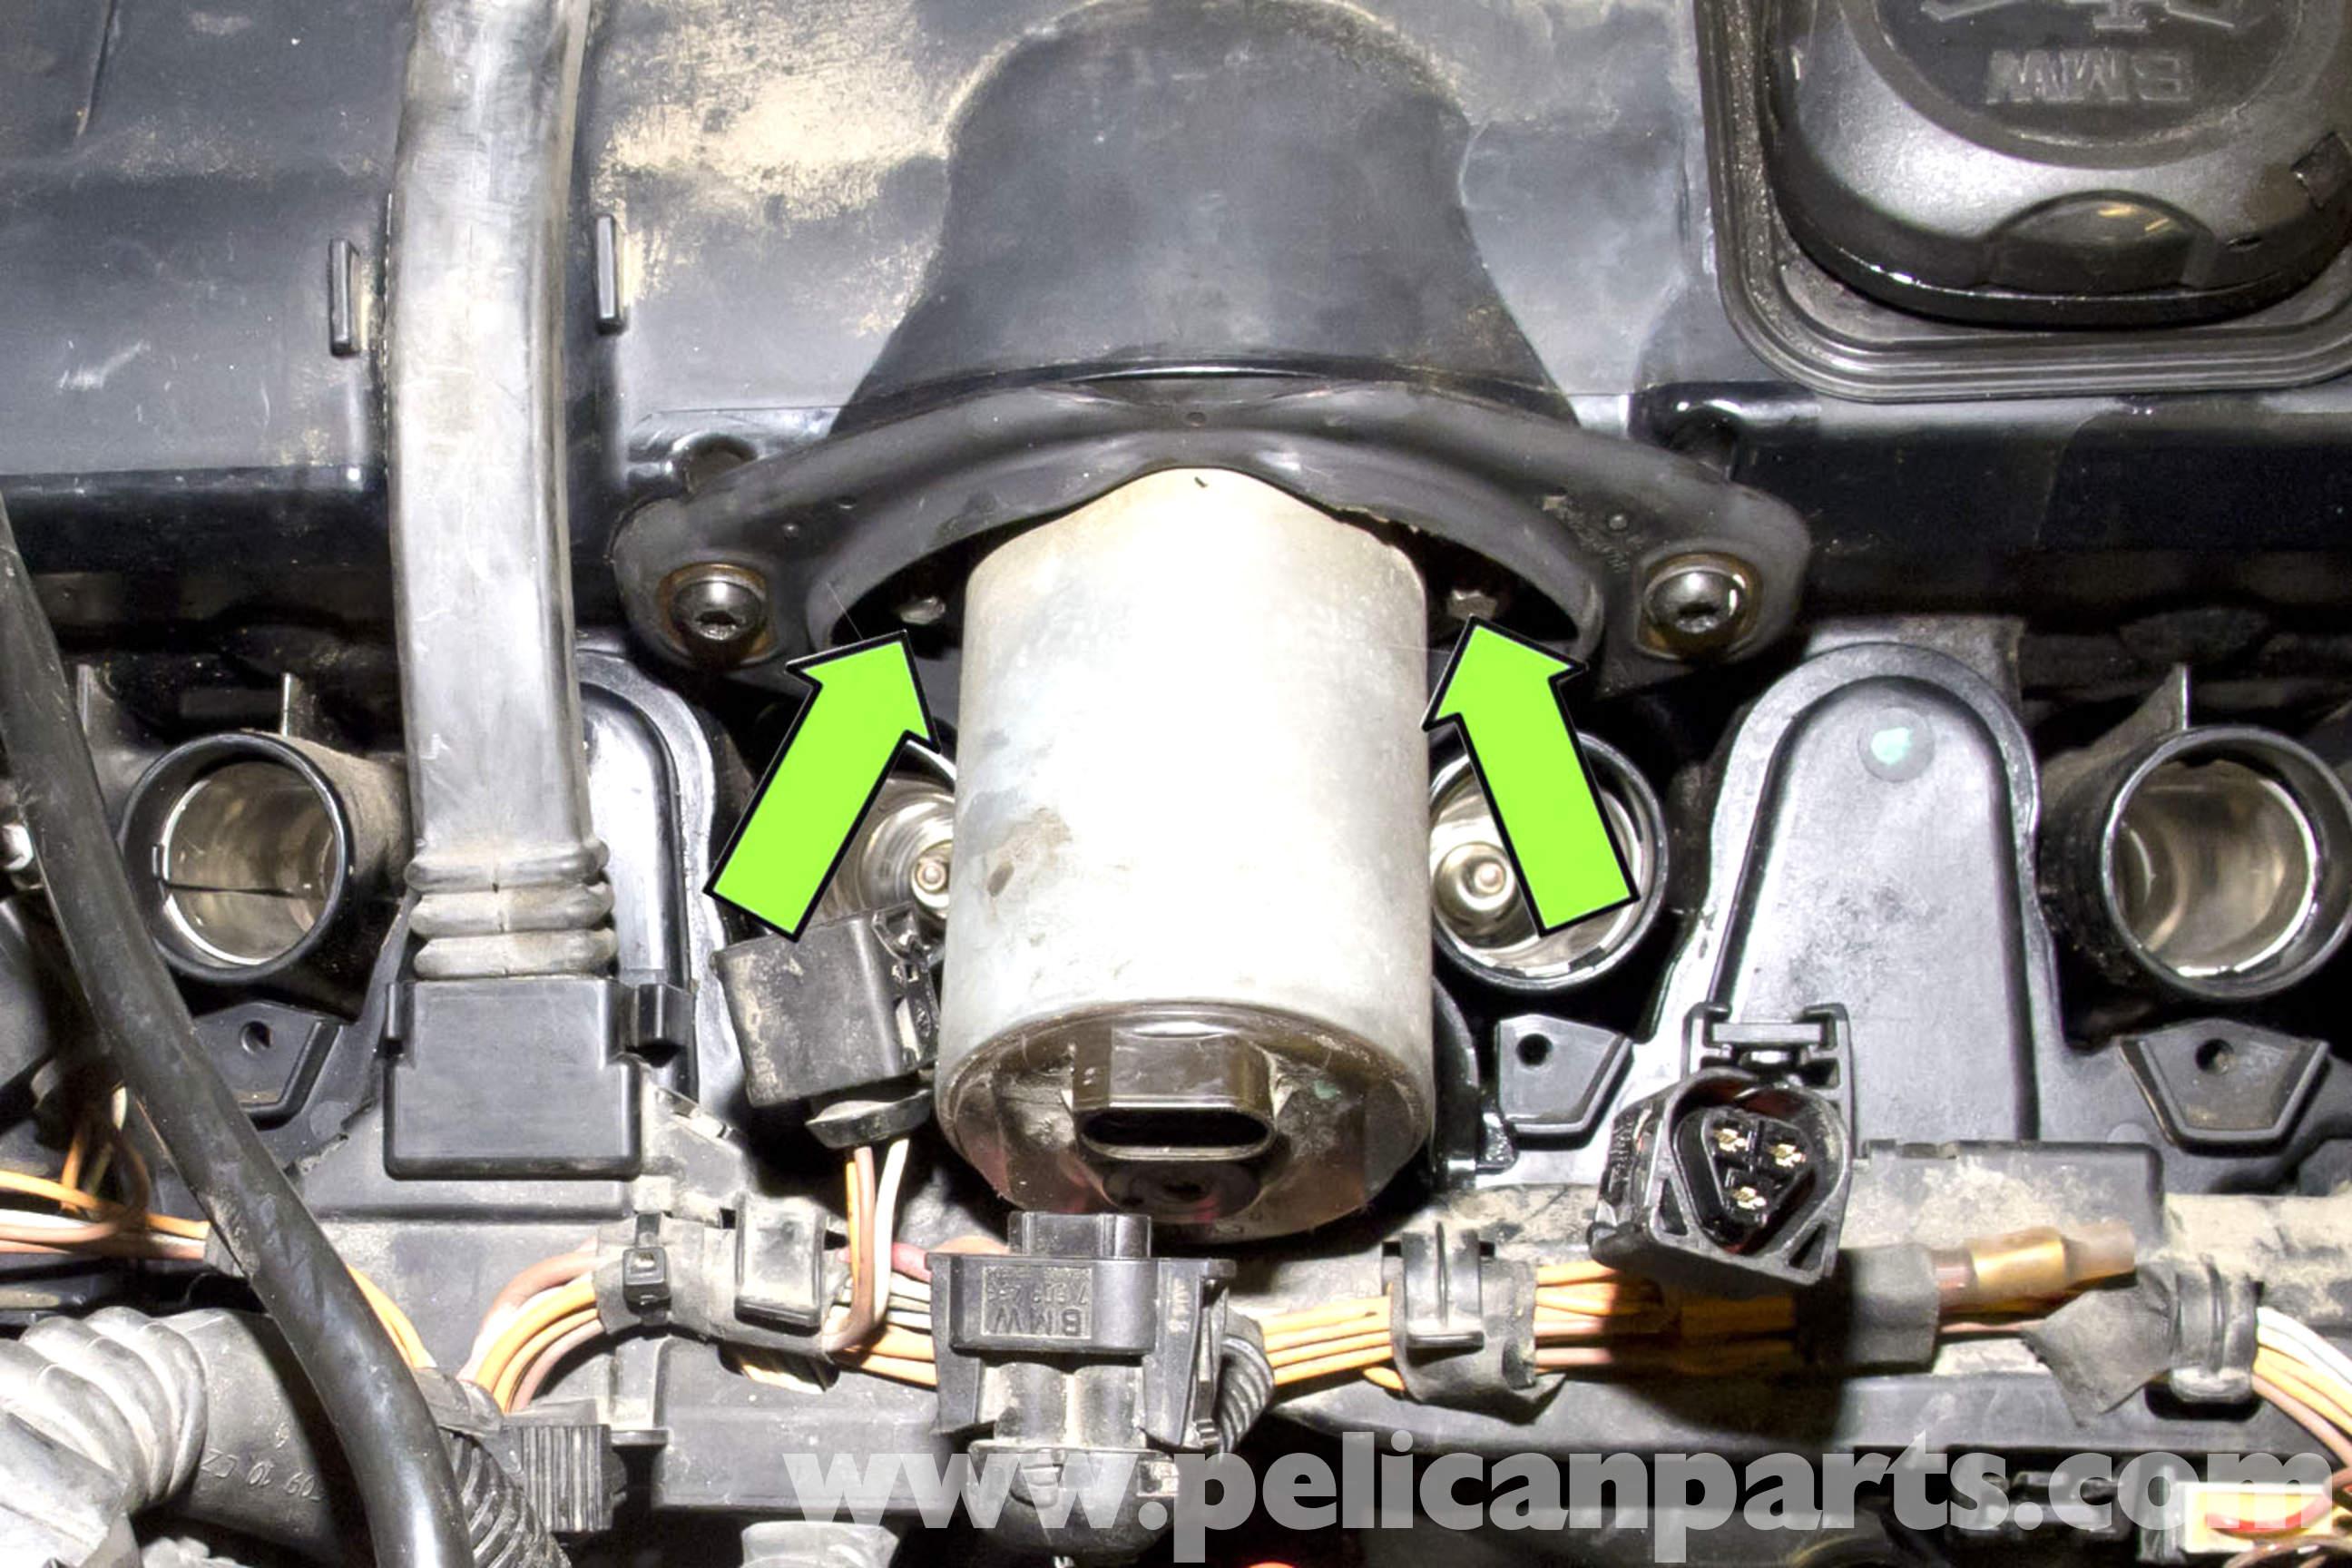 BMW E90 Valvetronic Motor Replacement | E91, E92, E93 | Pelican